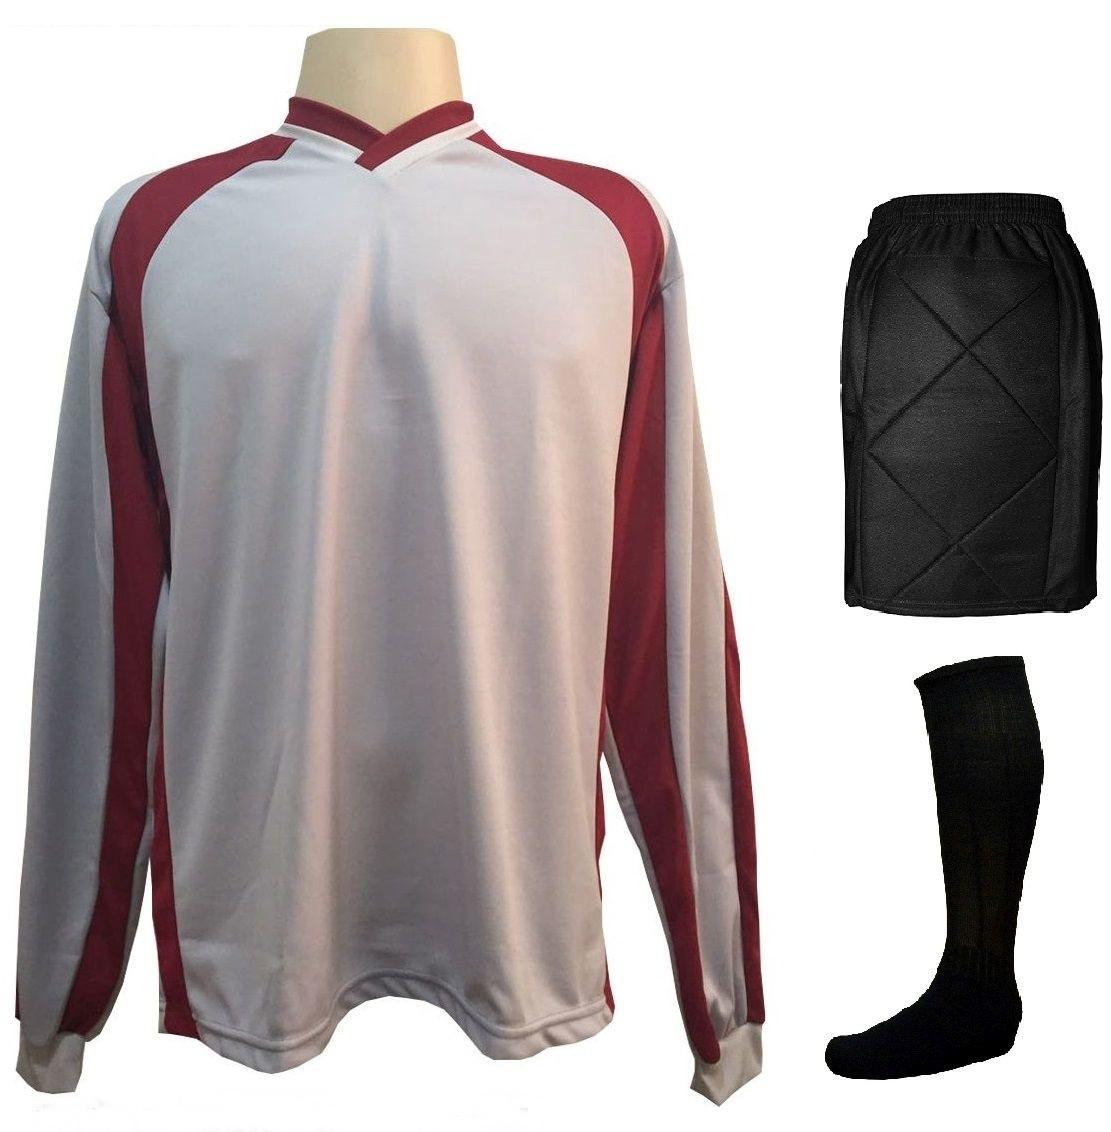 Uniforme Esportivo Completo modelo Suécia 14+1 (14 camisas Royal/Amarelo + 14 calções Madrid Amarelo + 14 pares de meiões Royal + 1 conjunto de goleiro) + Brindes